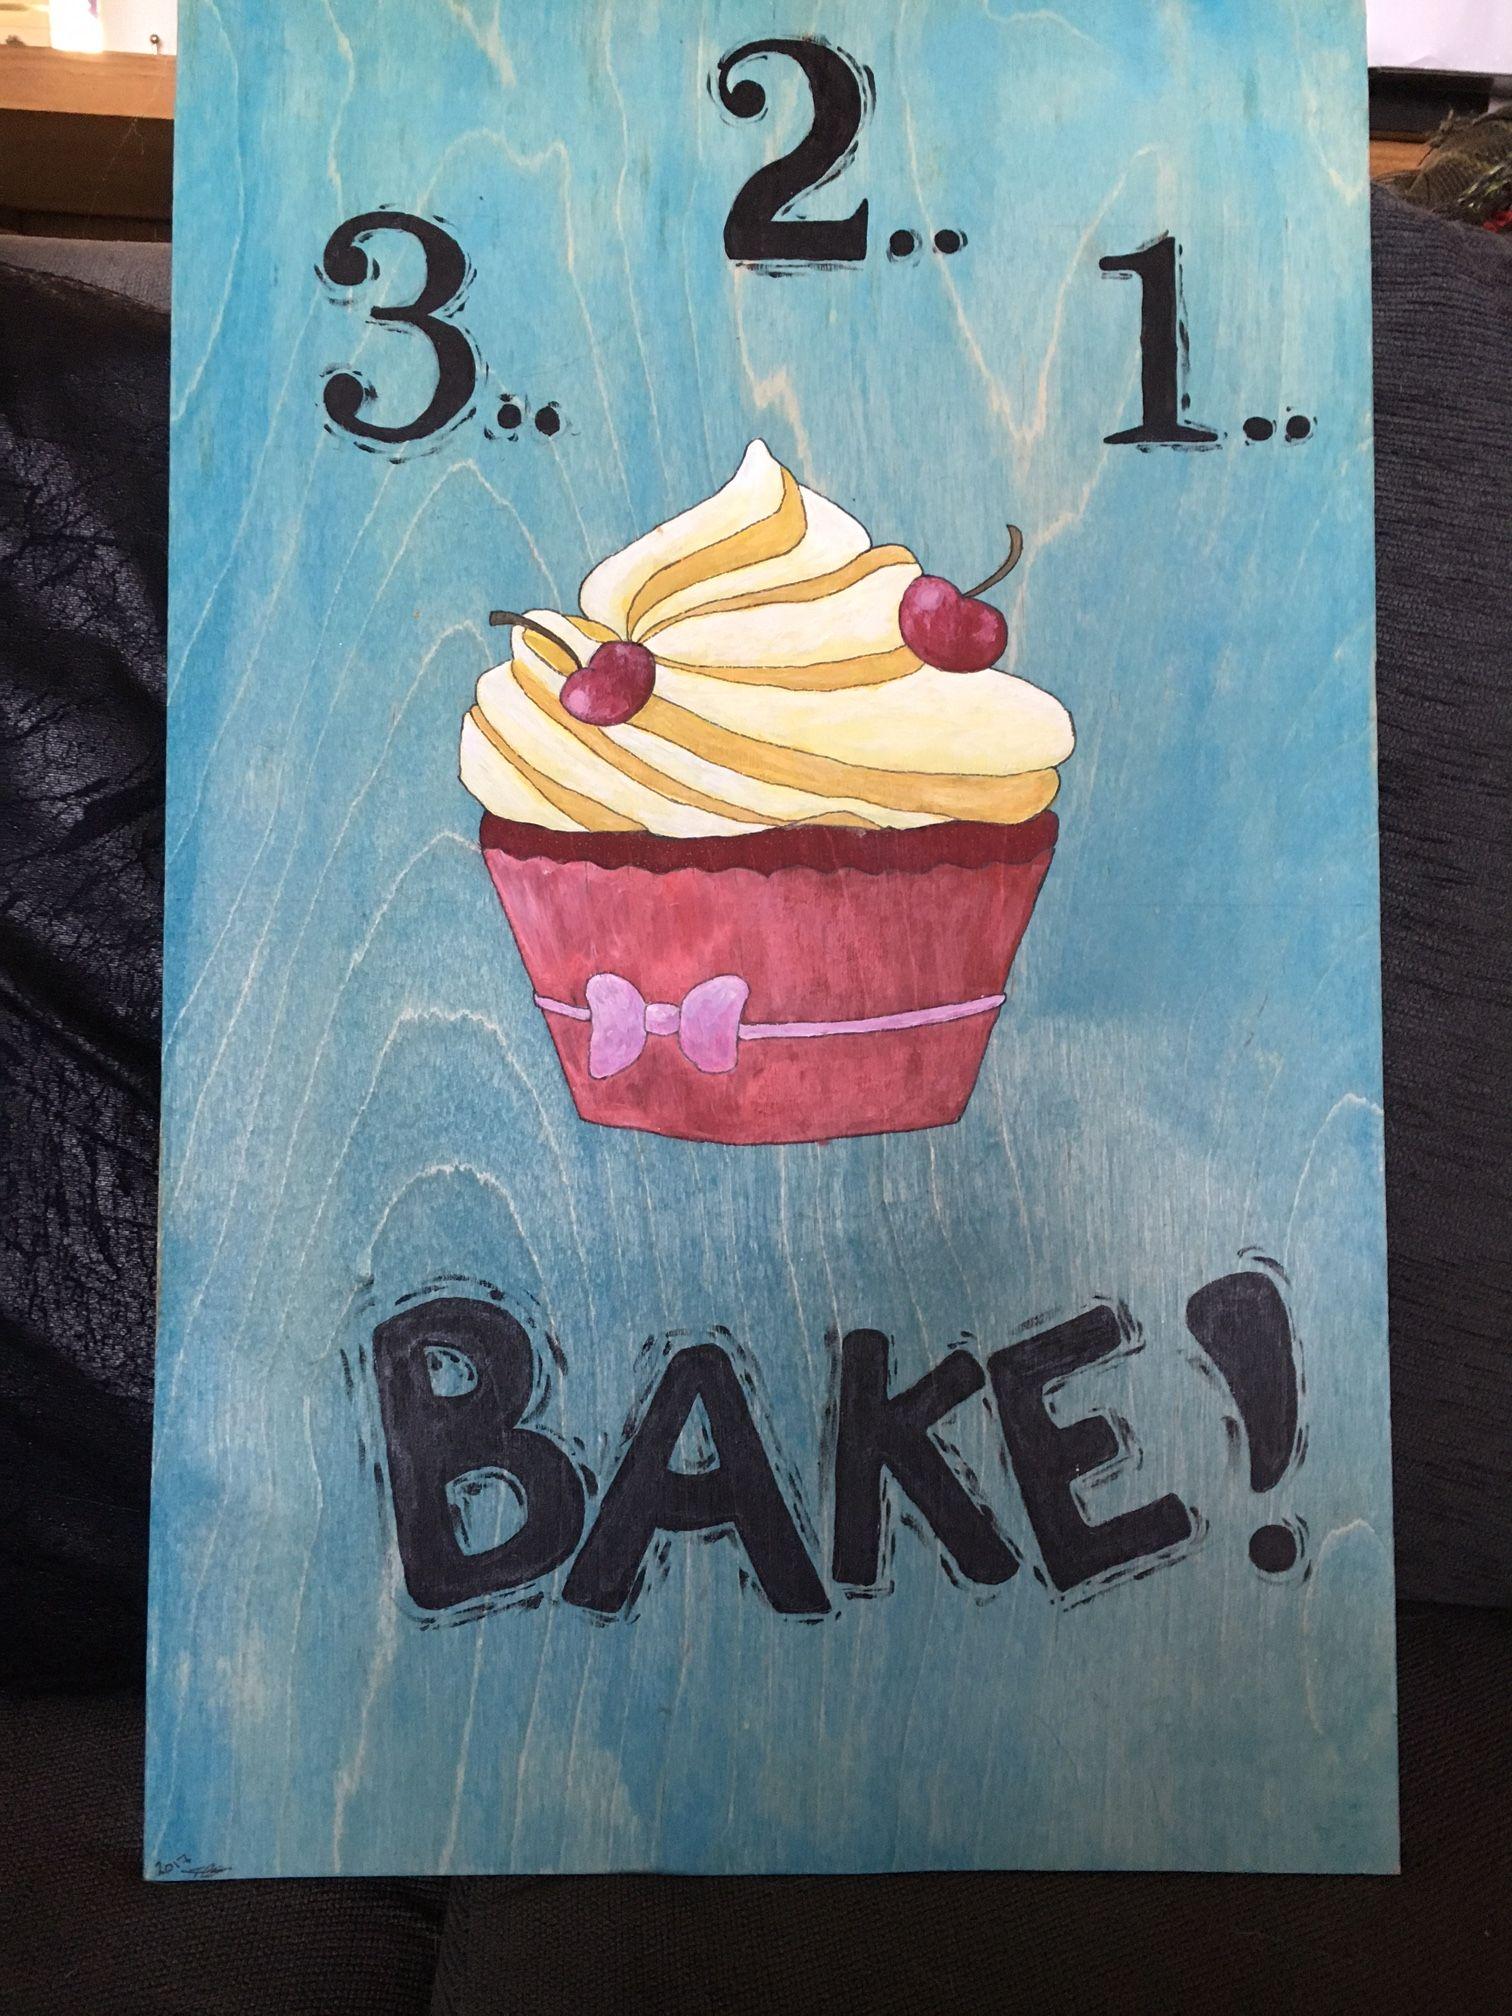 Bake!  Acrylic on wood.